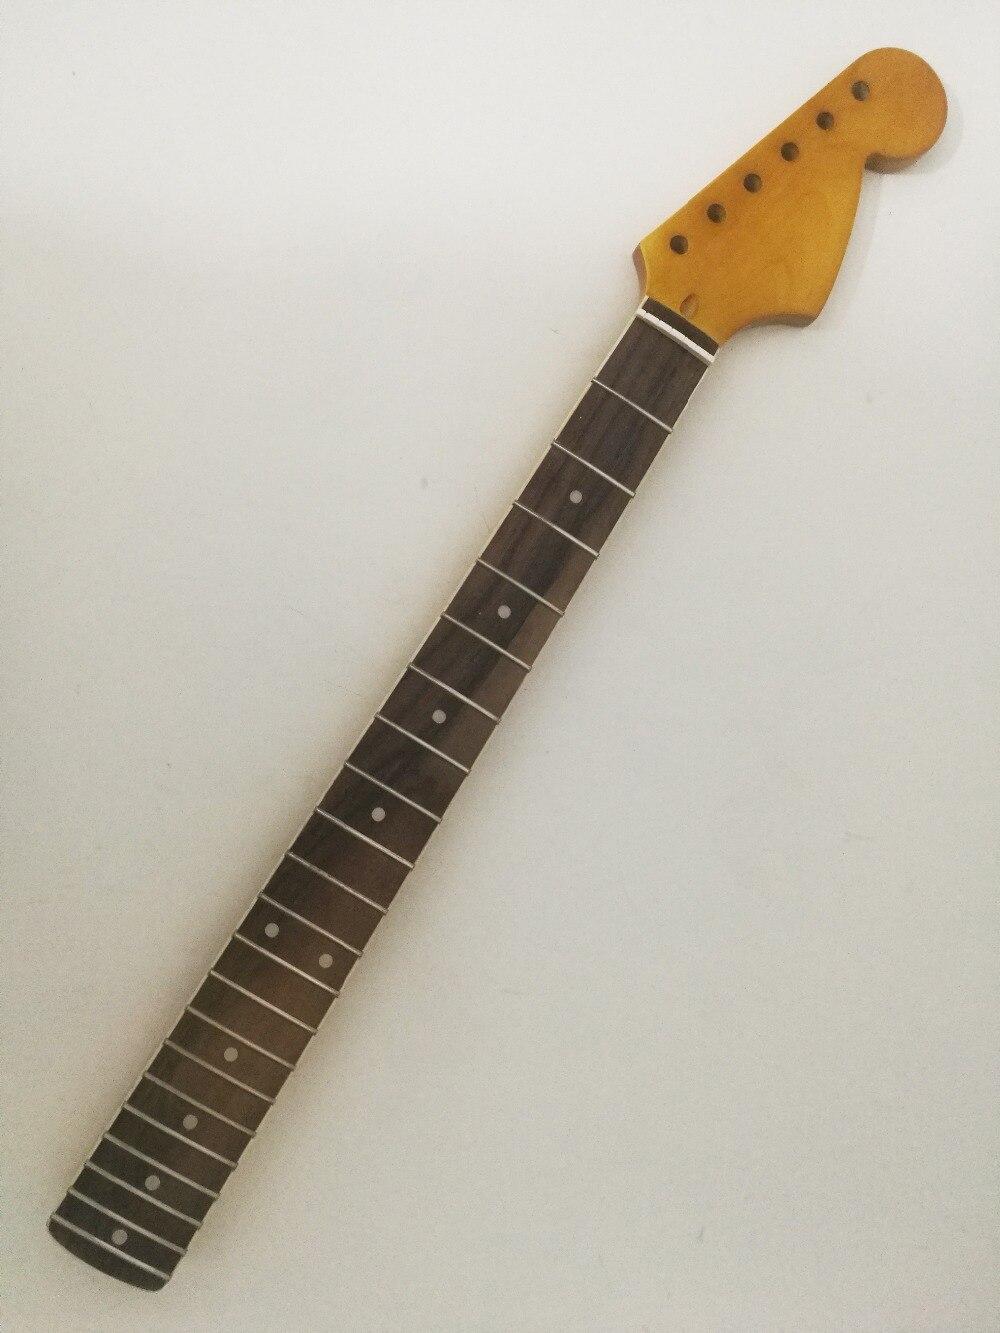 Maple Guitare Électrique Cou 21 Frette 25.5 pouce Touche Palissandre Vintage Jaune Double Action Truss rod